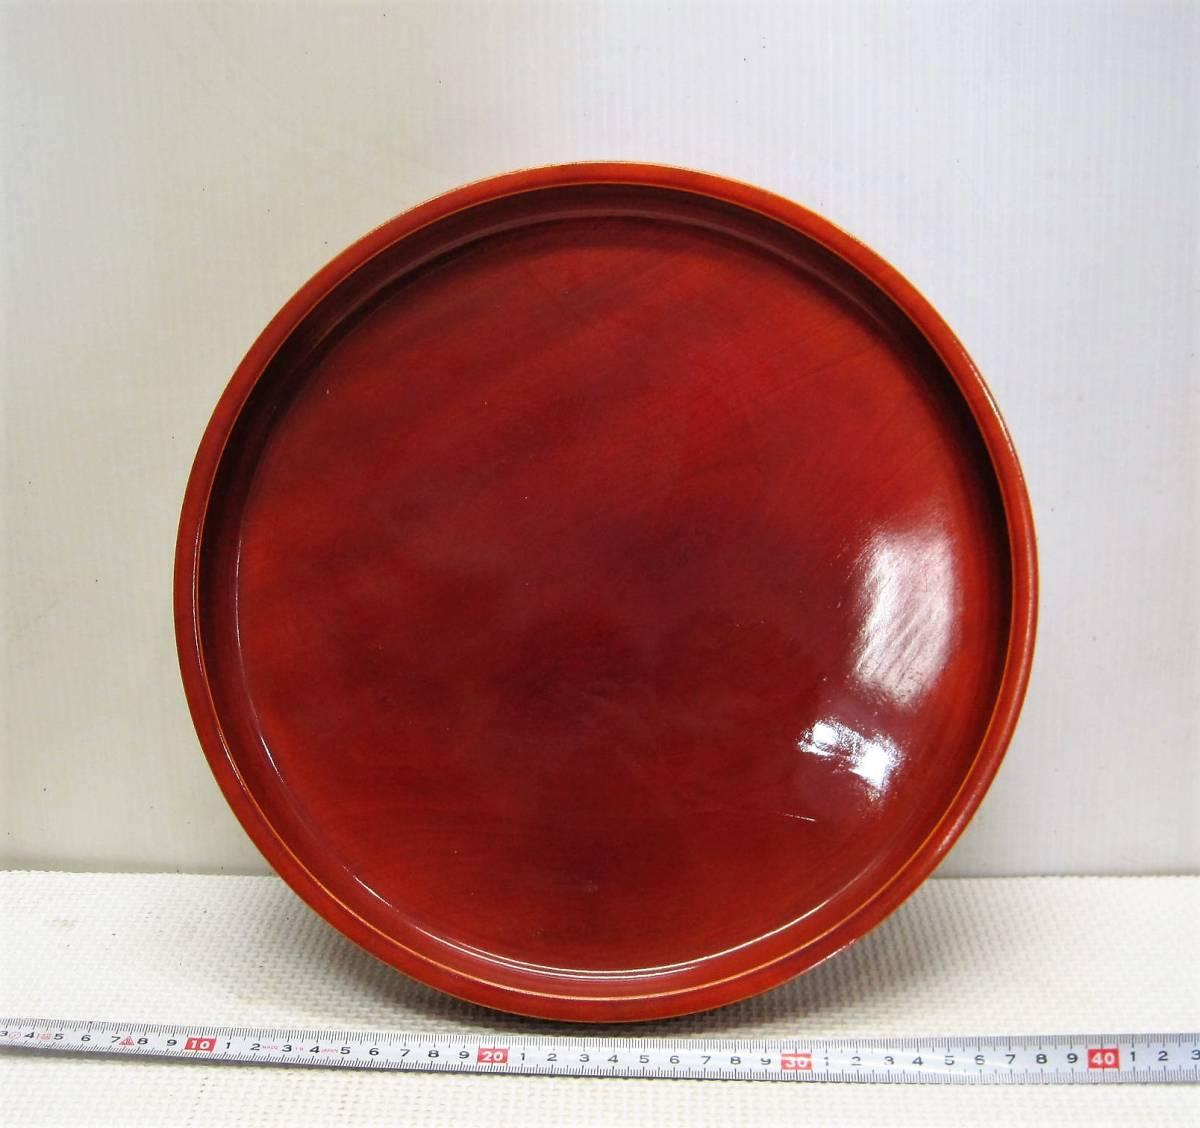 お盆/丸形のトレー/天然木/漆器/新品( 画像参考)